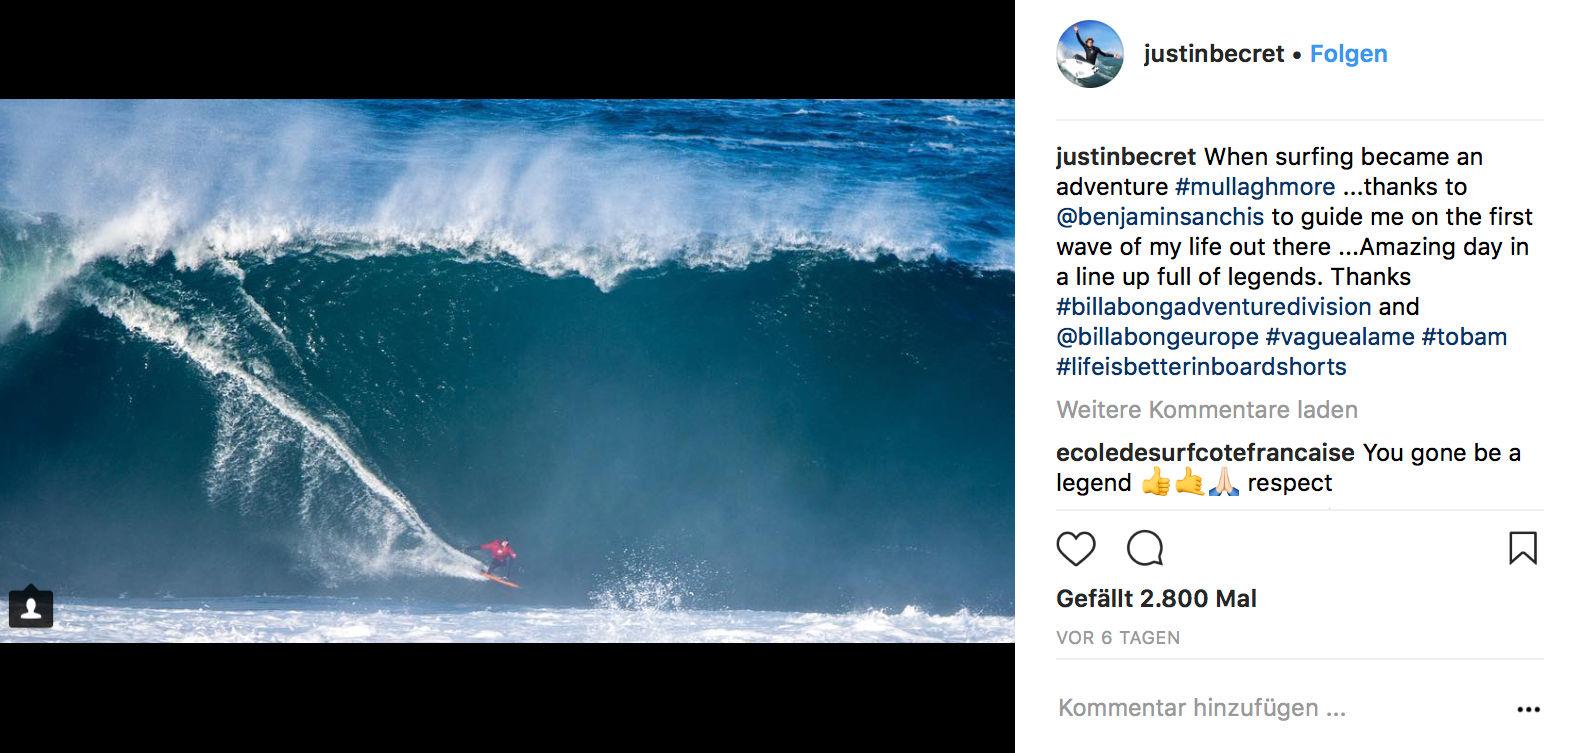 Ein Ritt des jüngsten Surfers im Lineup, als Mullaghmore Anfang November in dieser Größe brach.